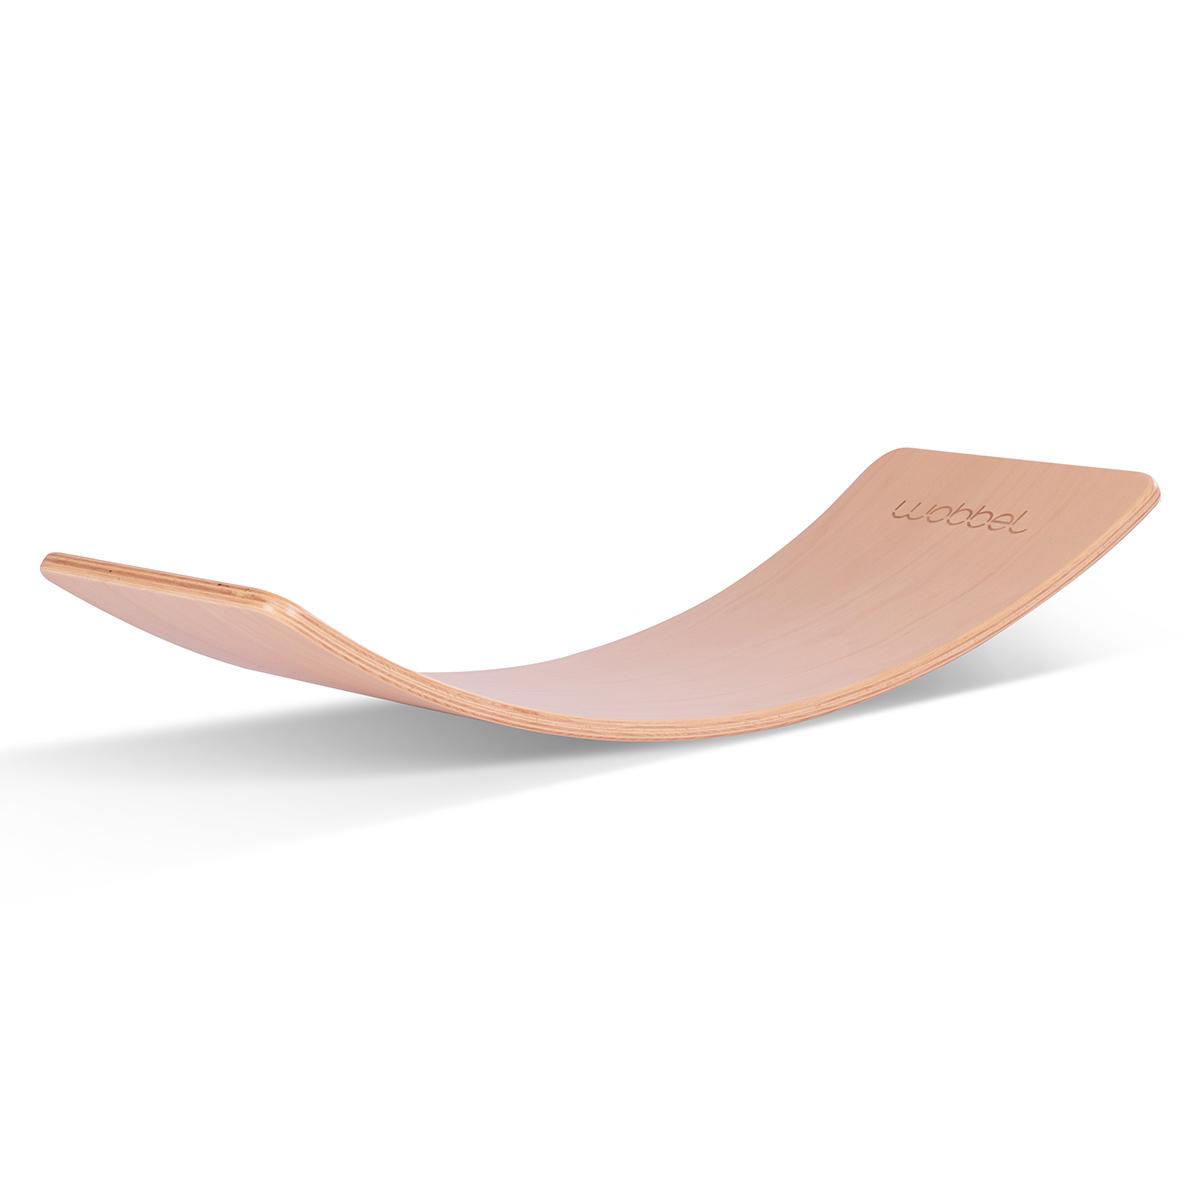 Mes premiers jouets Planche d'Equilibre Starter - Naturel Planche d'Equilibre Starter - Naturel